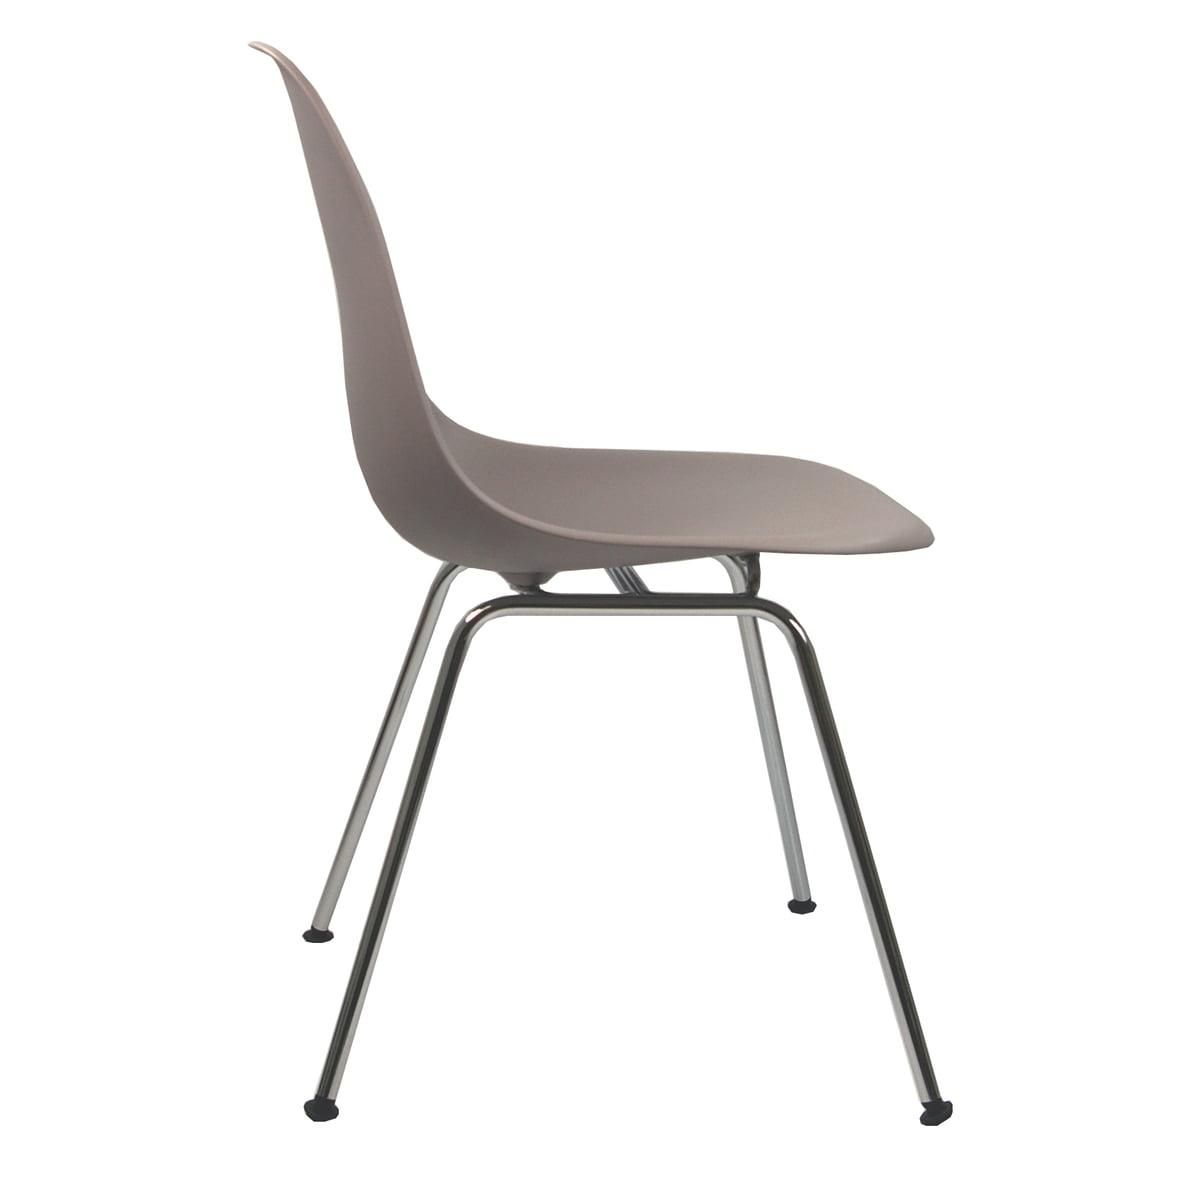 Vitra - Eames Plastic Side Chair DSX (H 43 cm), verchromt / mauve grau, Kunststoffgleiter basic dark (Teppichboden) | Küche und Esszimmer > Stühle und Hocker > Esszimmerstühle | Mauve | Vitra